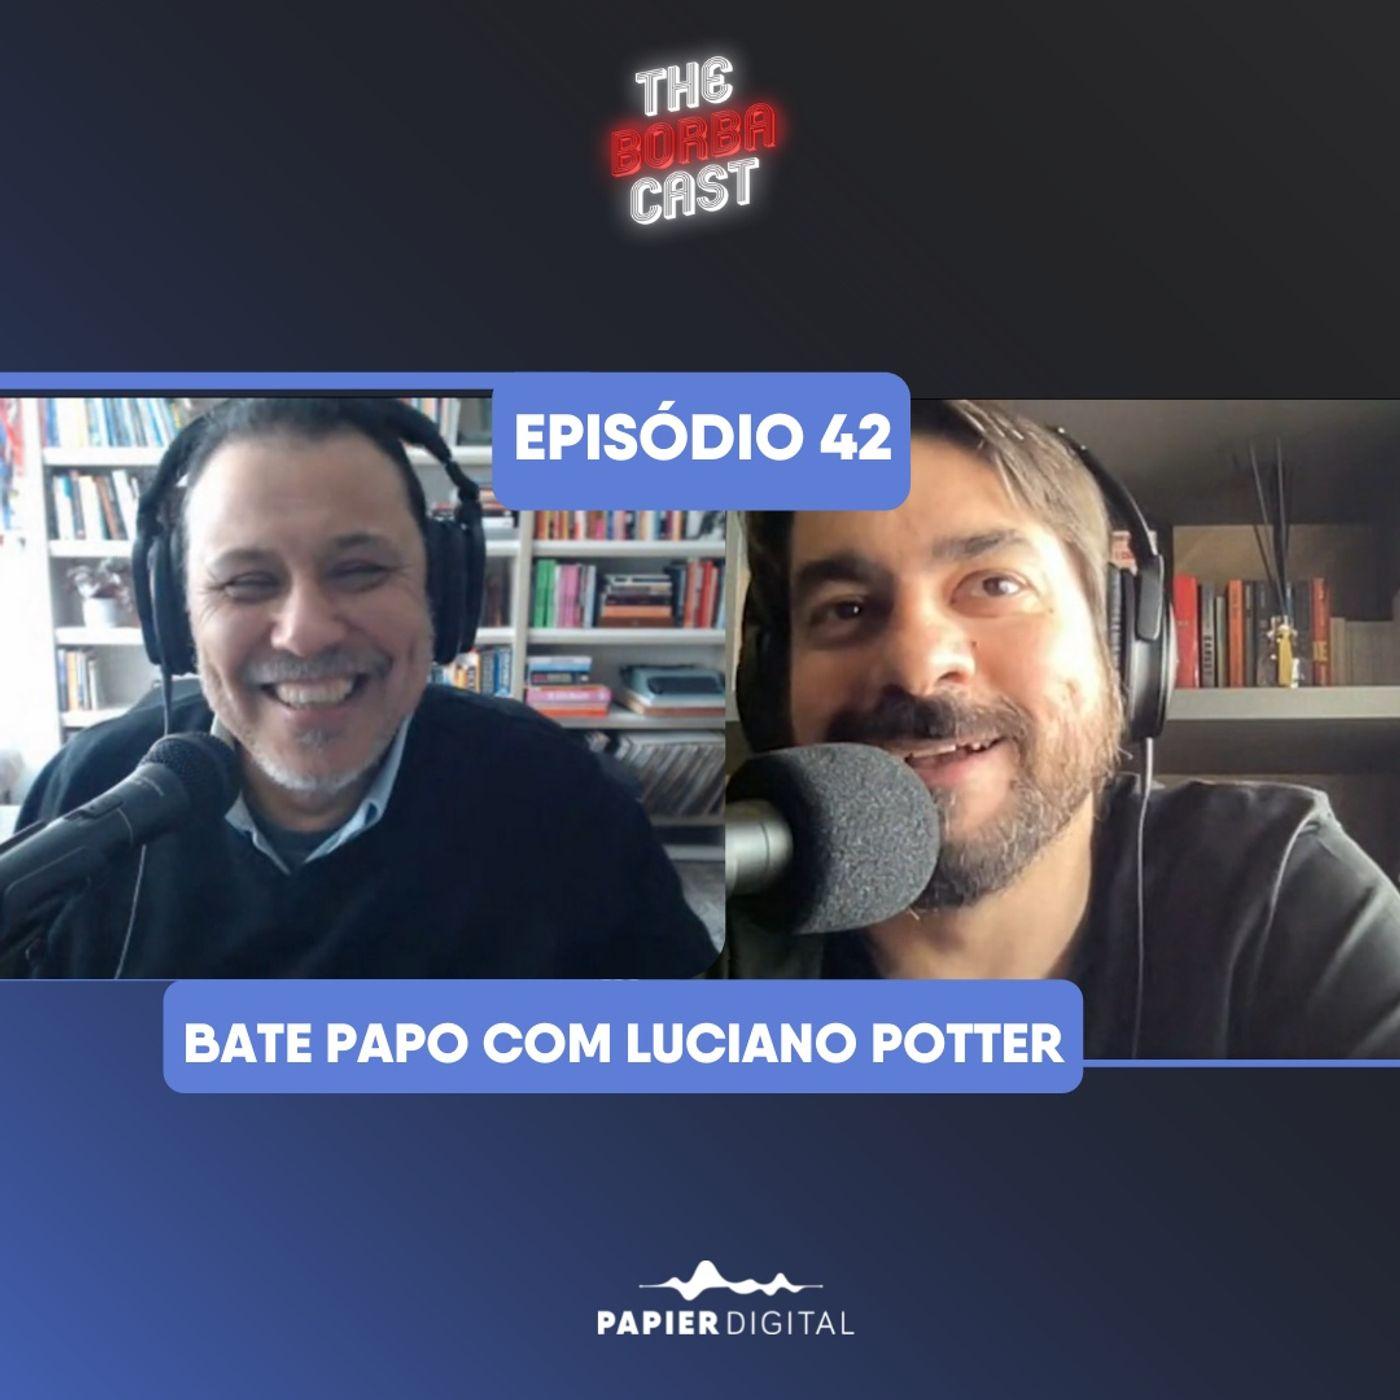 Episódio 42: Um bate-papo com Potter